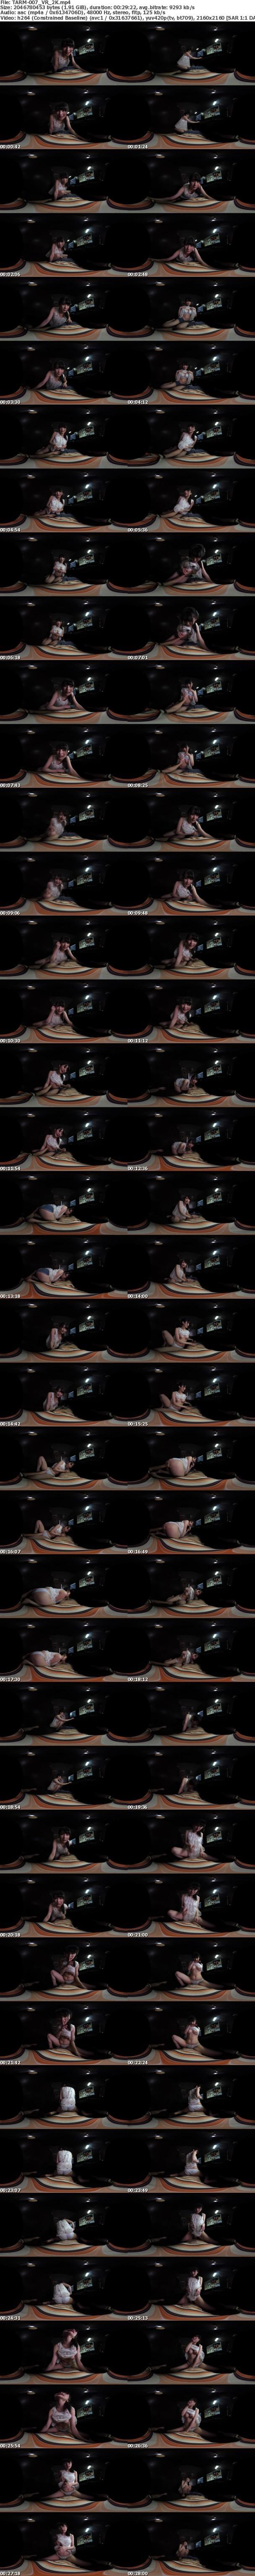 VR/3D TARM-007 【匠】ネカフェでこっそりSEX